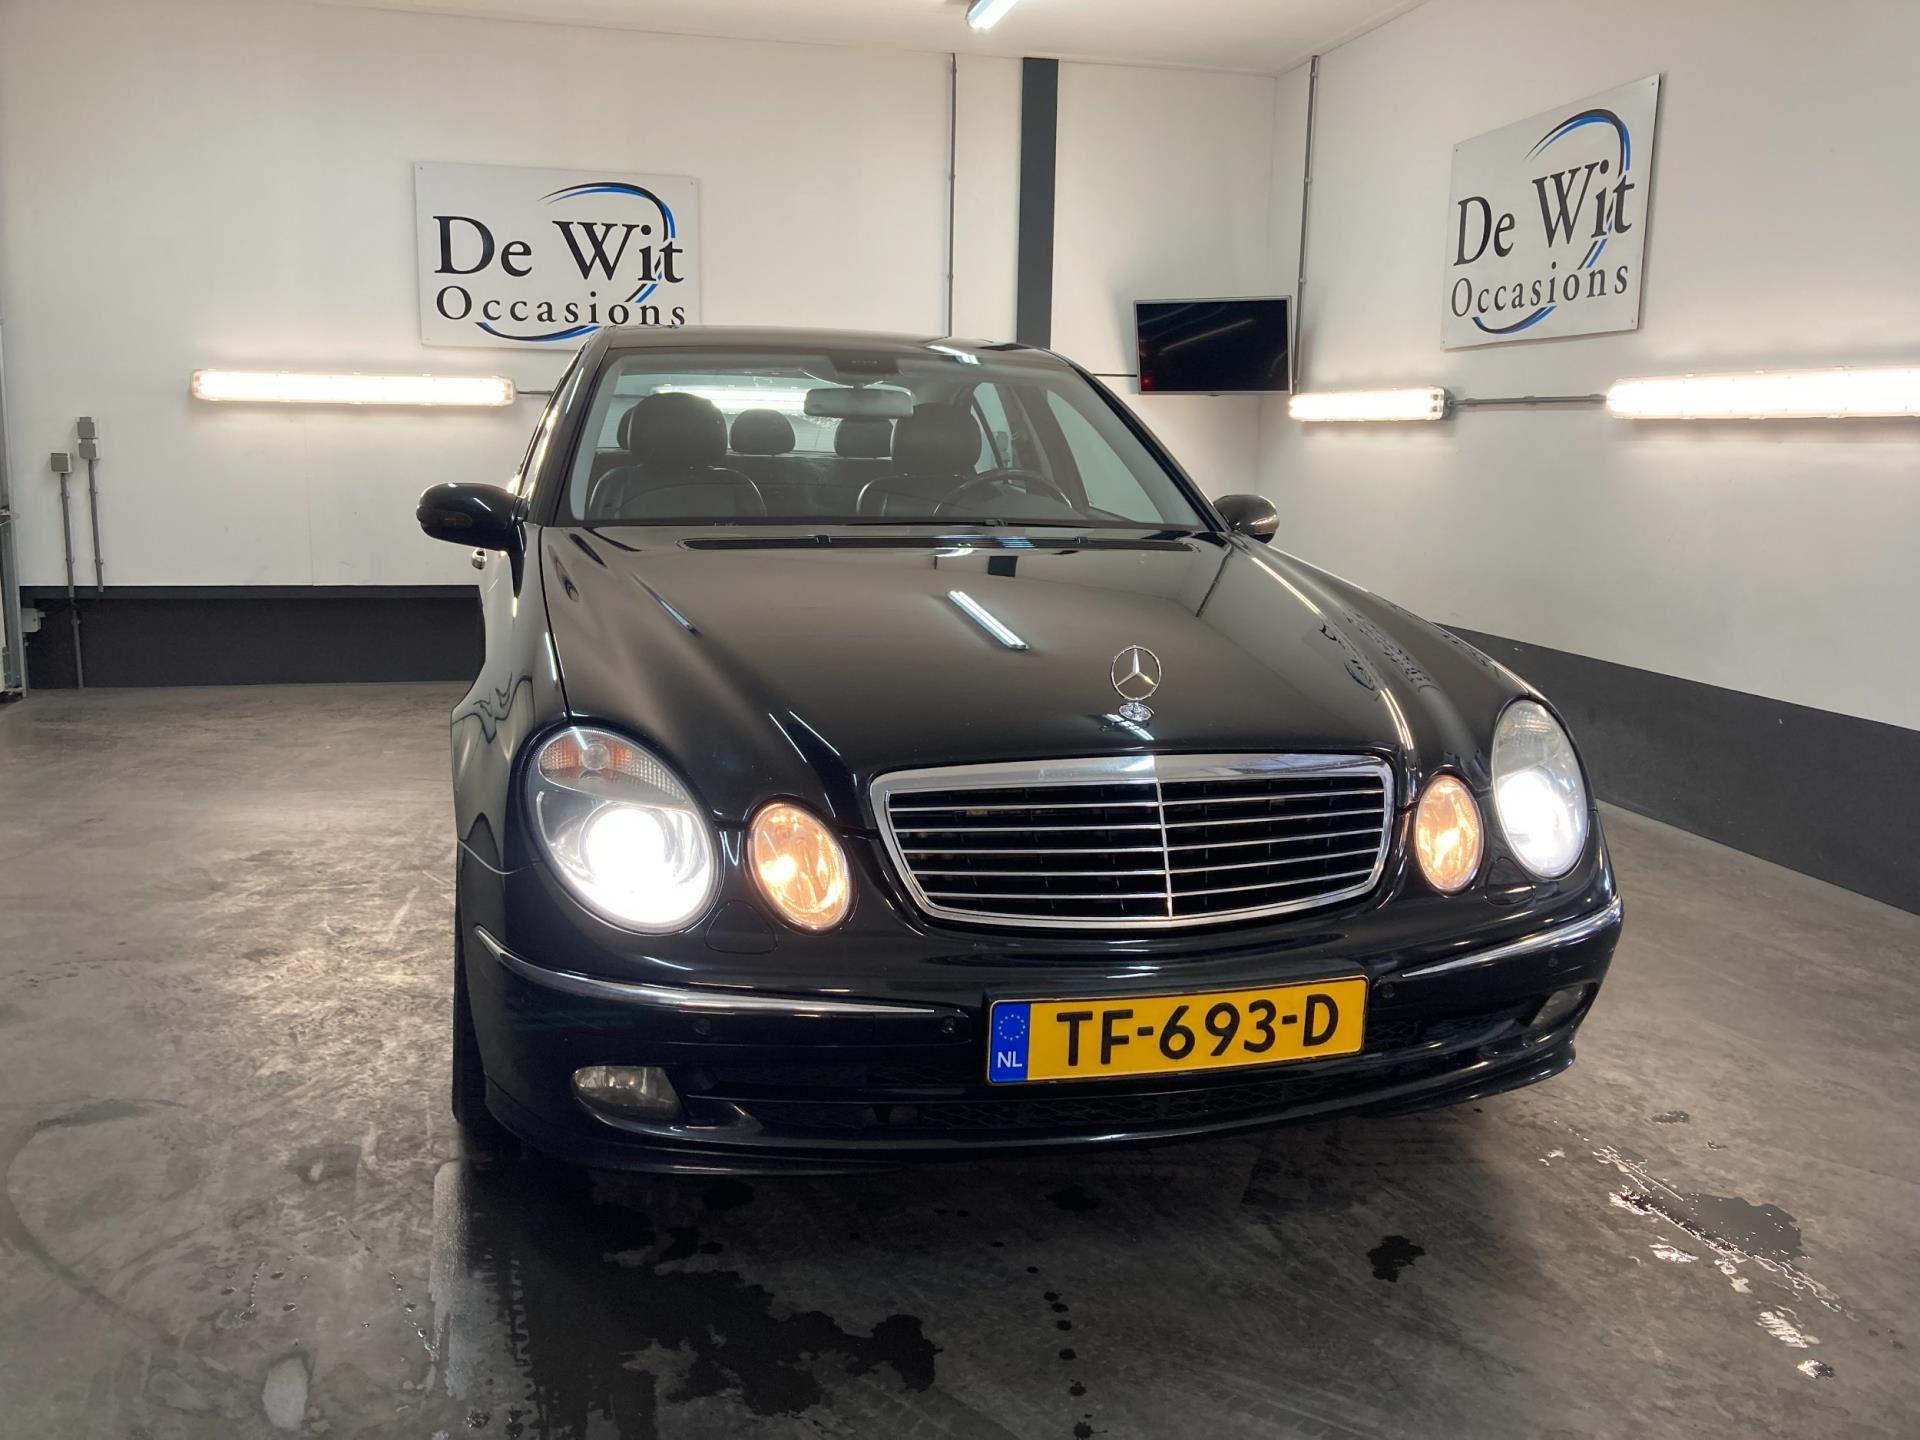 Mercedes-Benz E-klasse occasion - De Wit Occasions